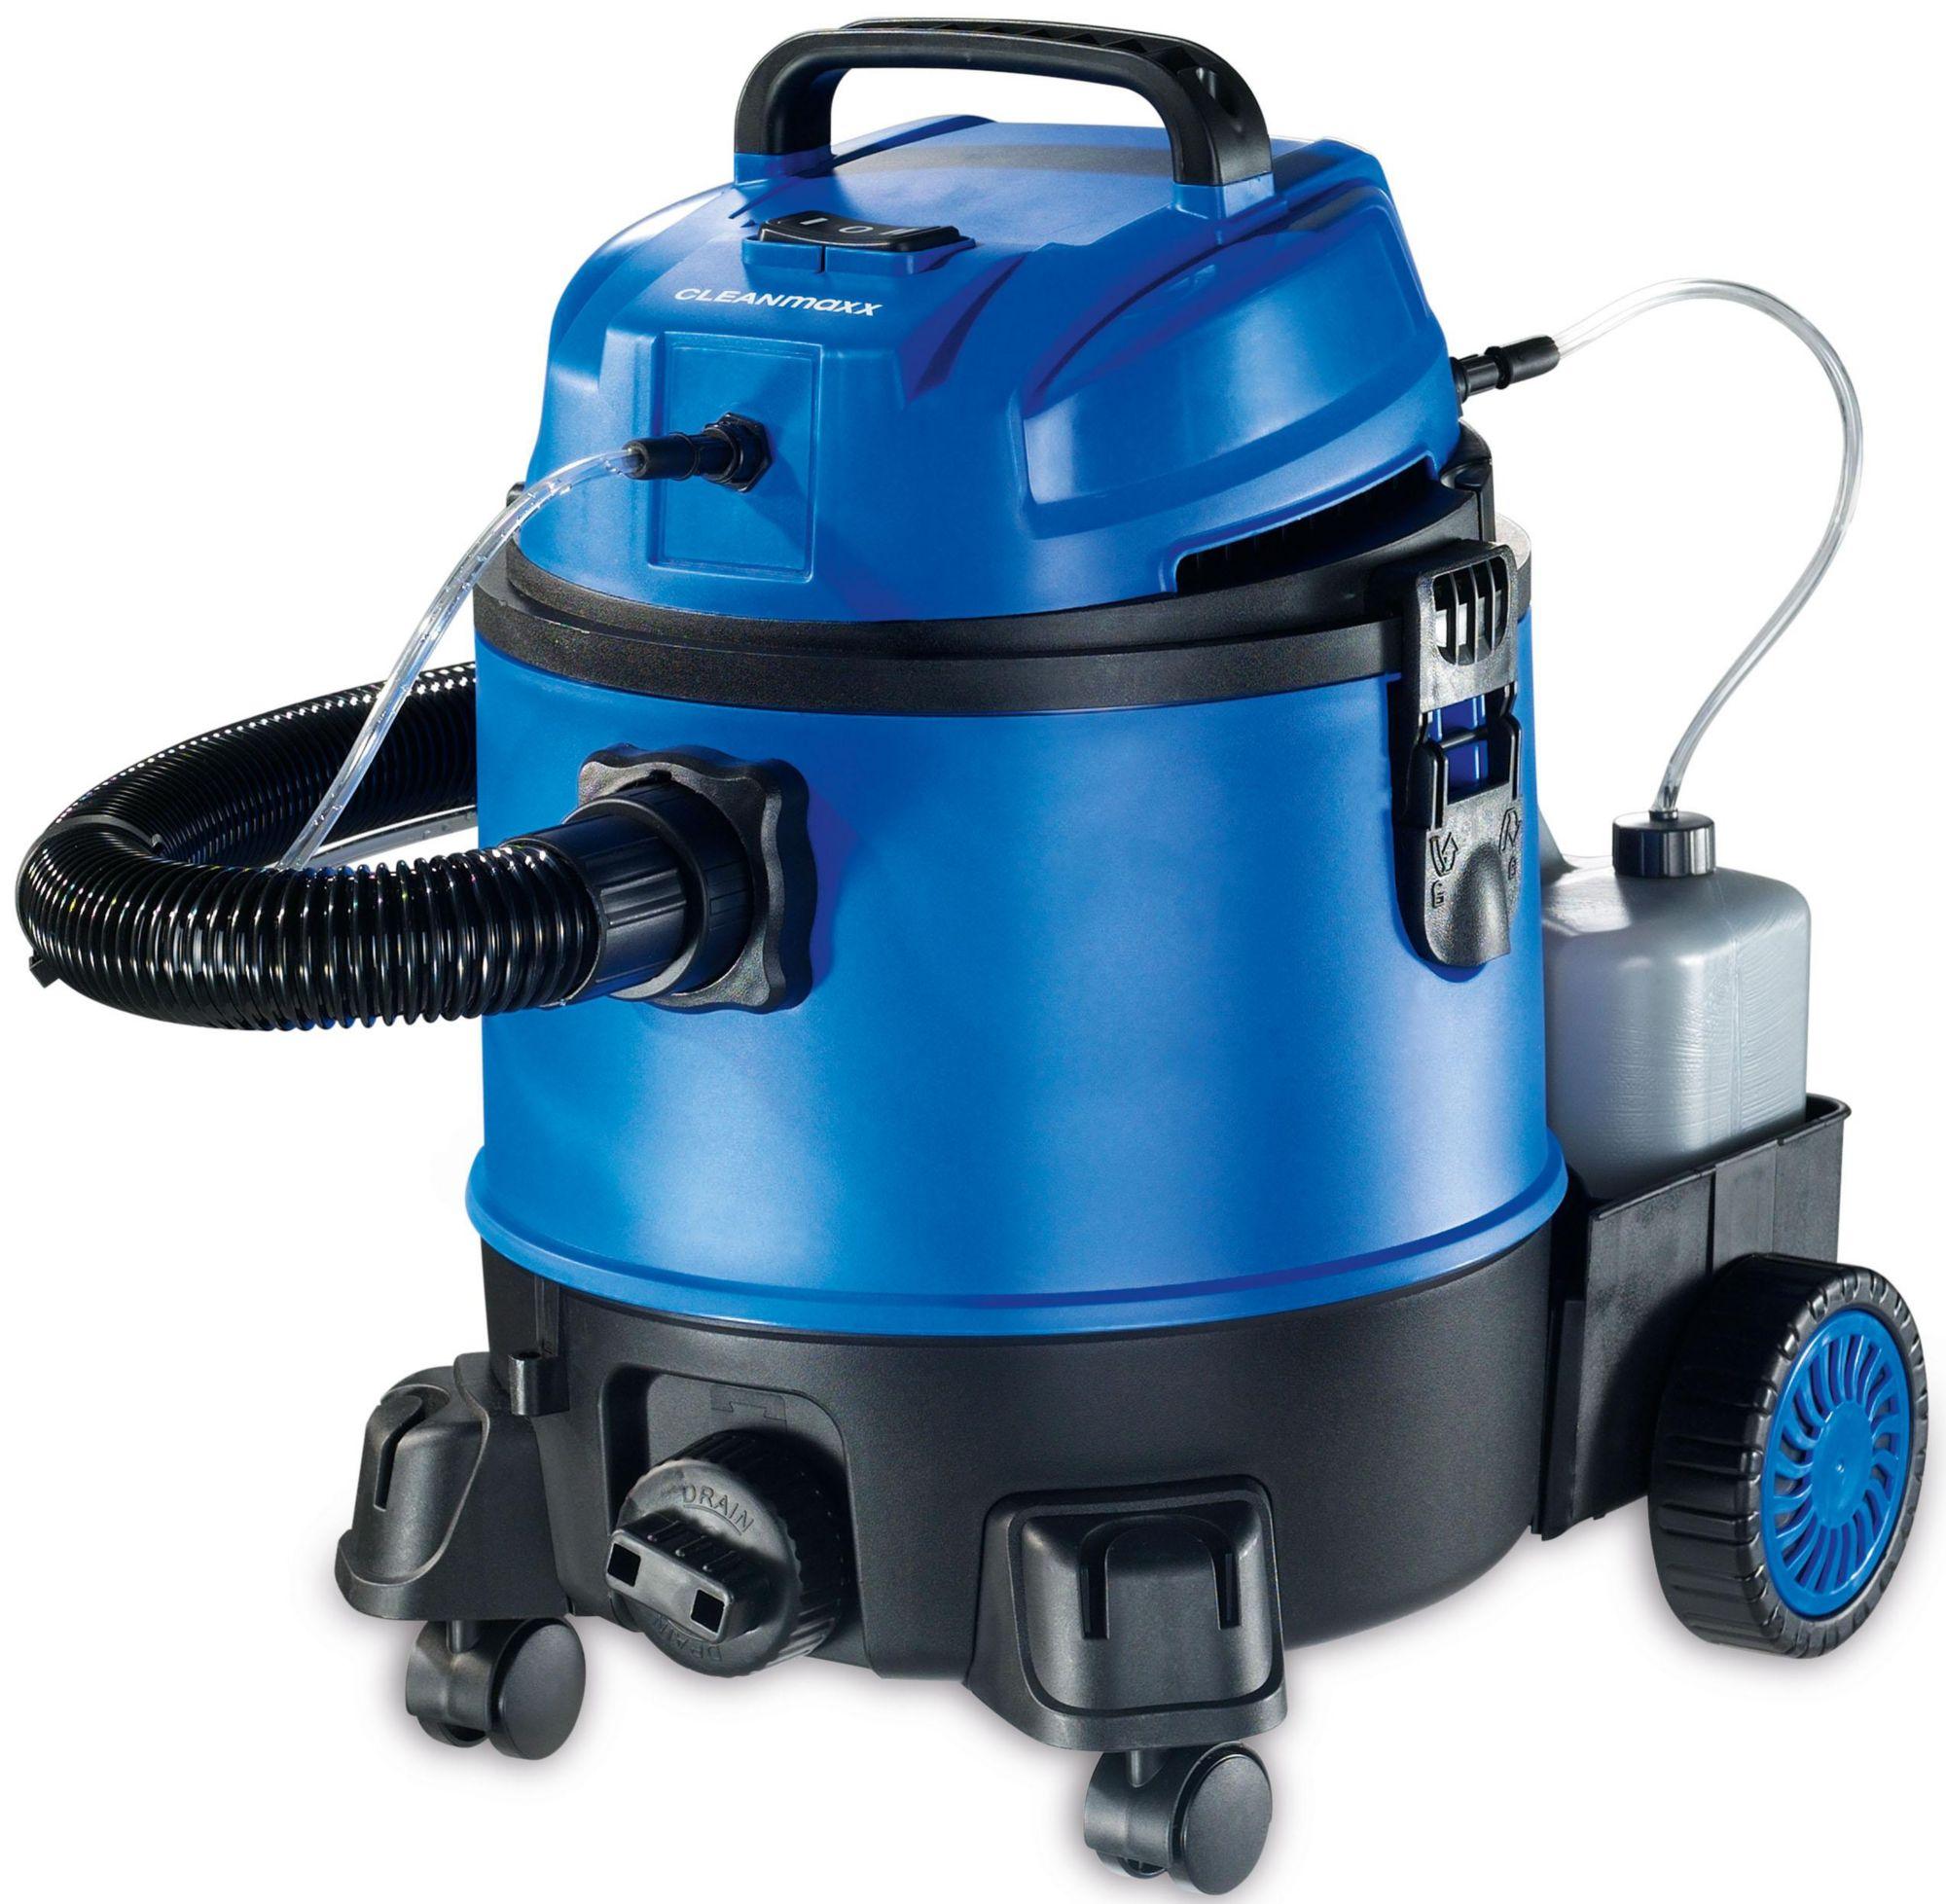 CLEAN MAXX Clean Maxx Nass-Trockensauger, 1250W, blau